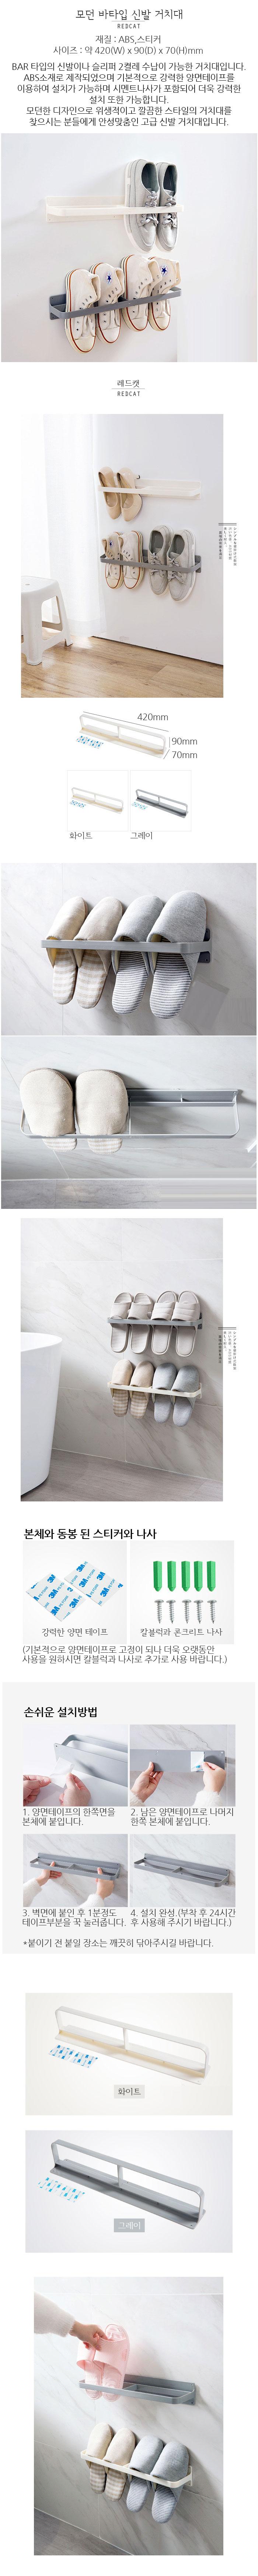 모던 바타입 신발 거치대 - 네코리빙, 4,400원, 수납/선반장, 신발정리대/신발장